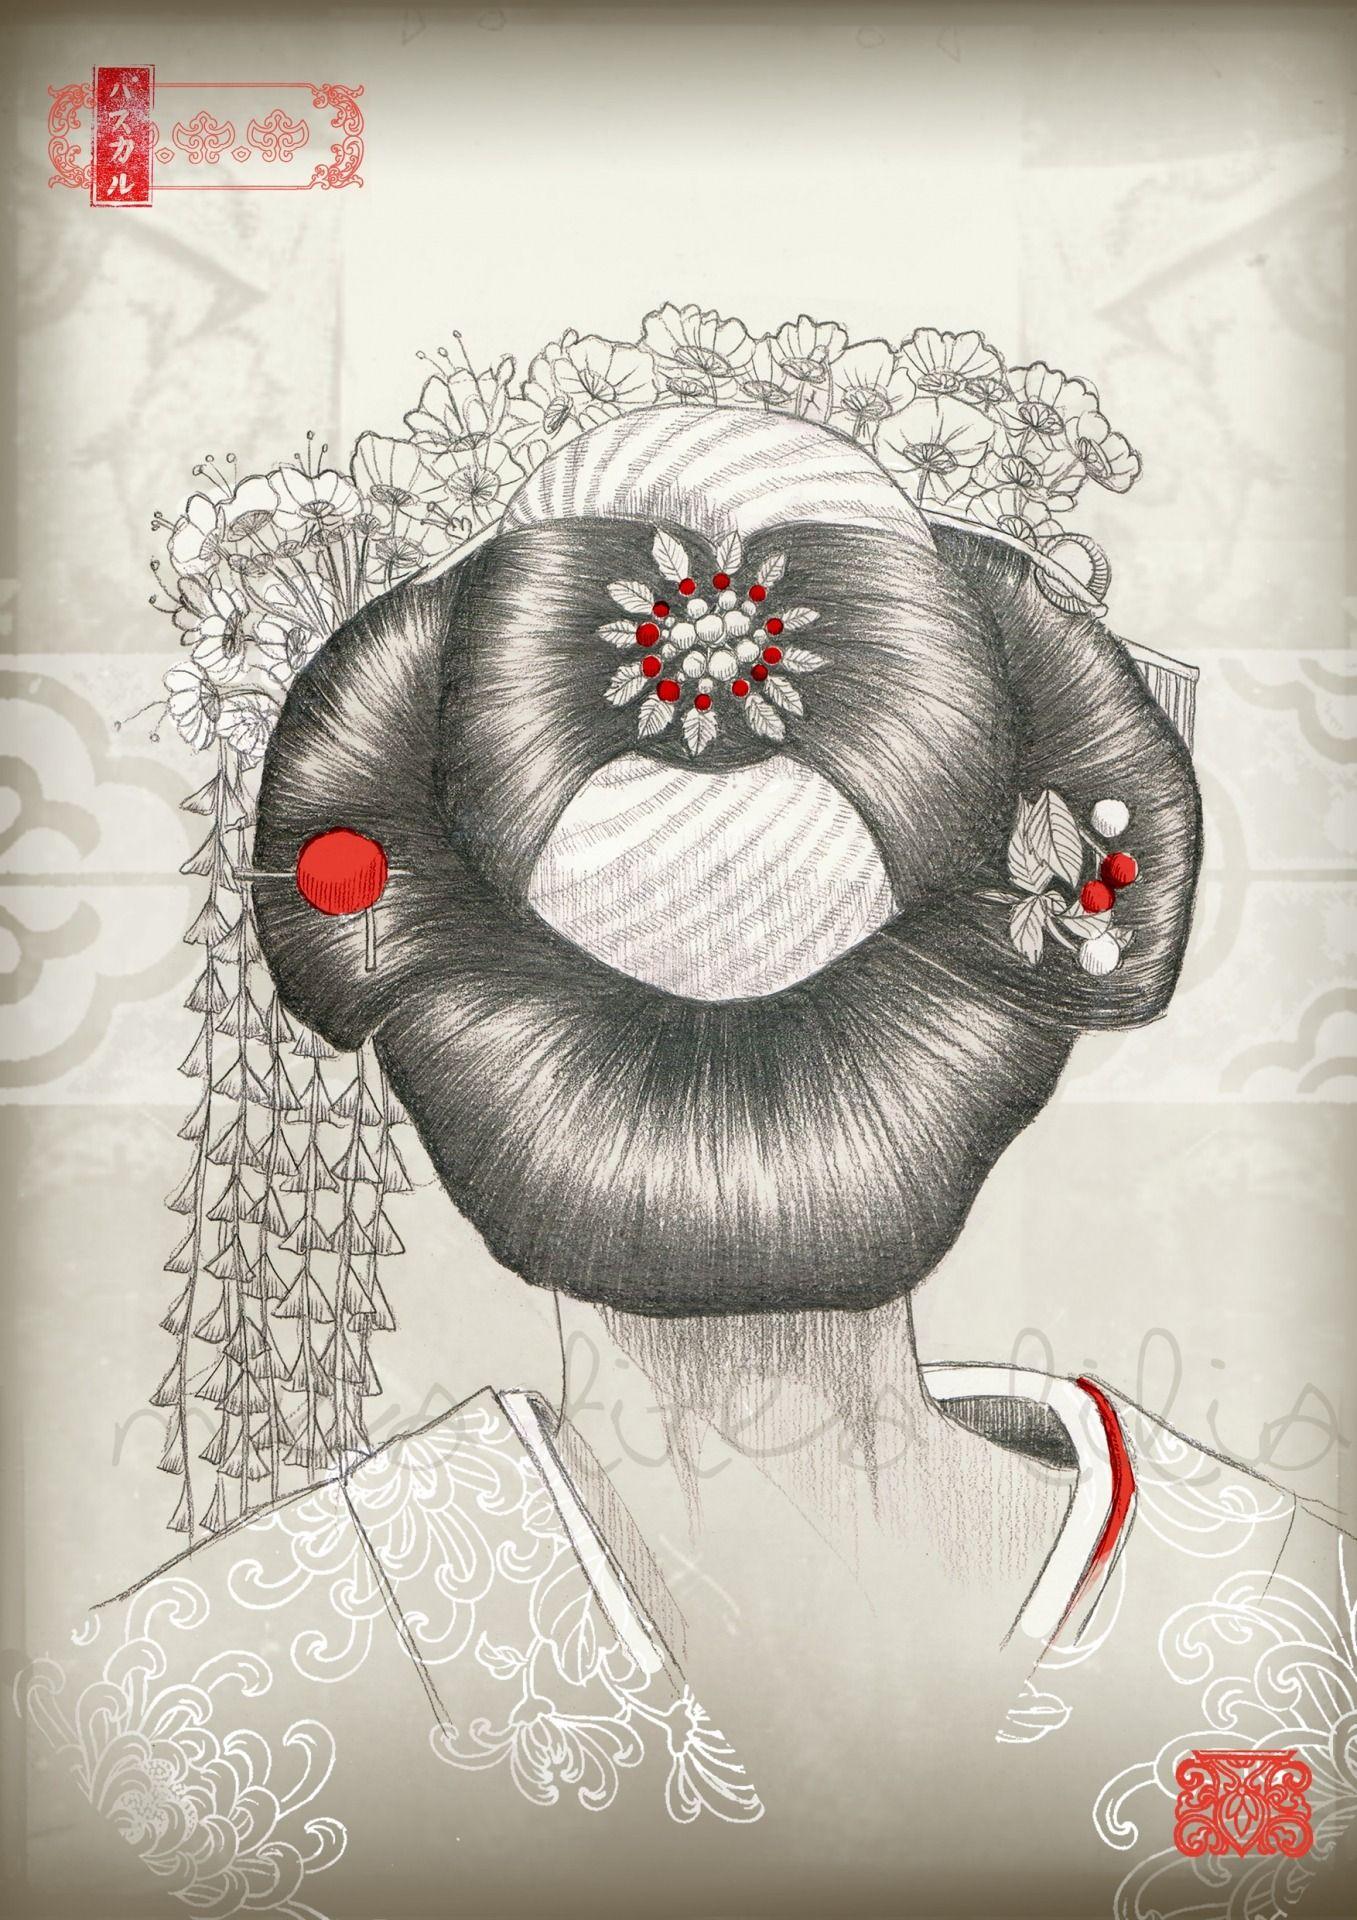 Geisha De Dos geisha de dos, shimada des maiko,par mes-tites-lilis | japon et asie